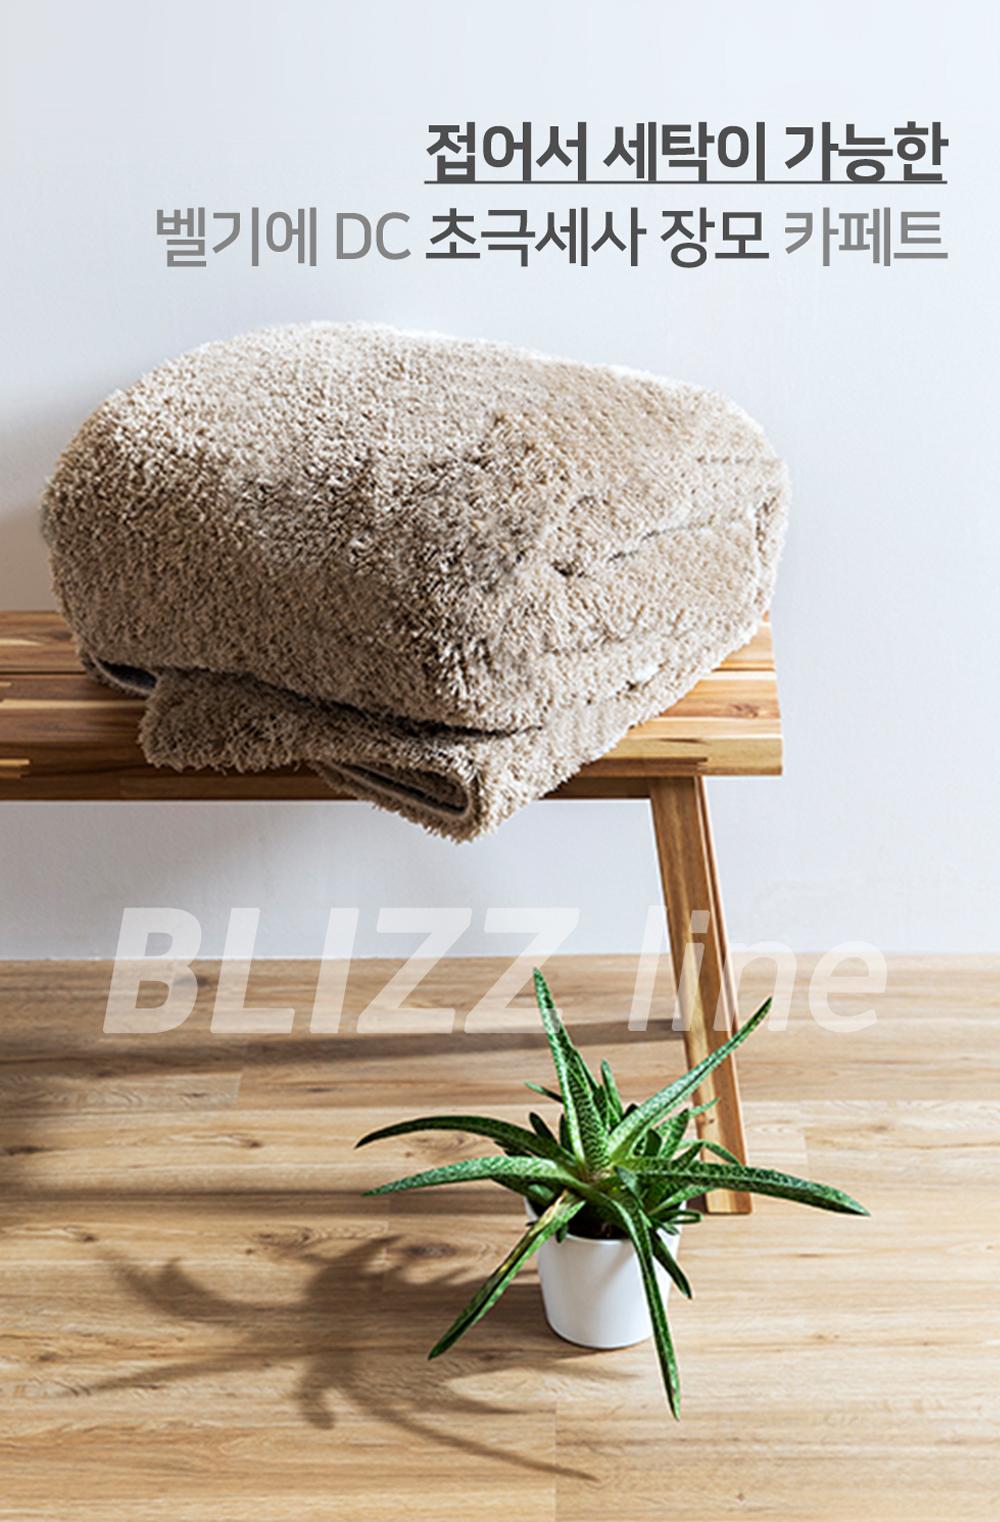 접어서 세탁이 가능한 벨기에 DC 초극세사 샤기 카펫 - 블리즈 라인